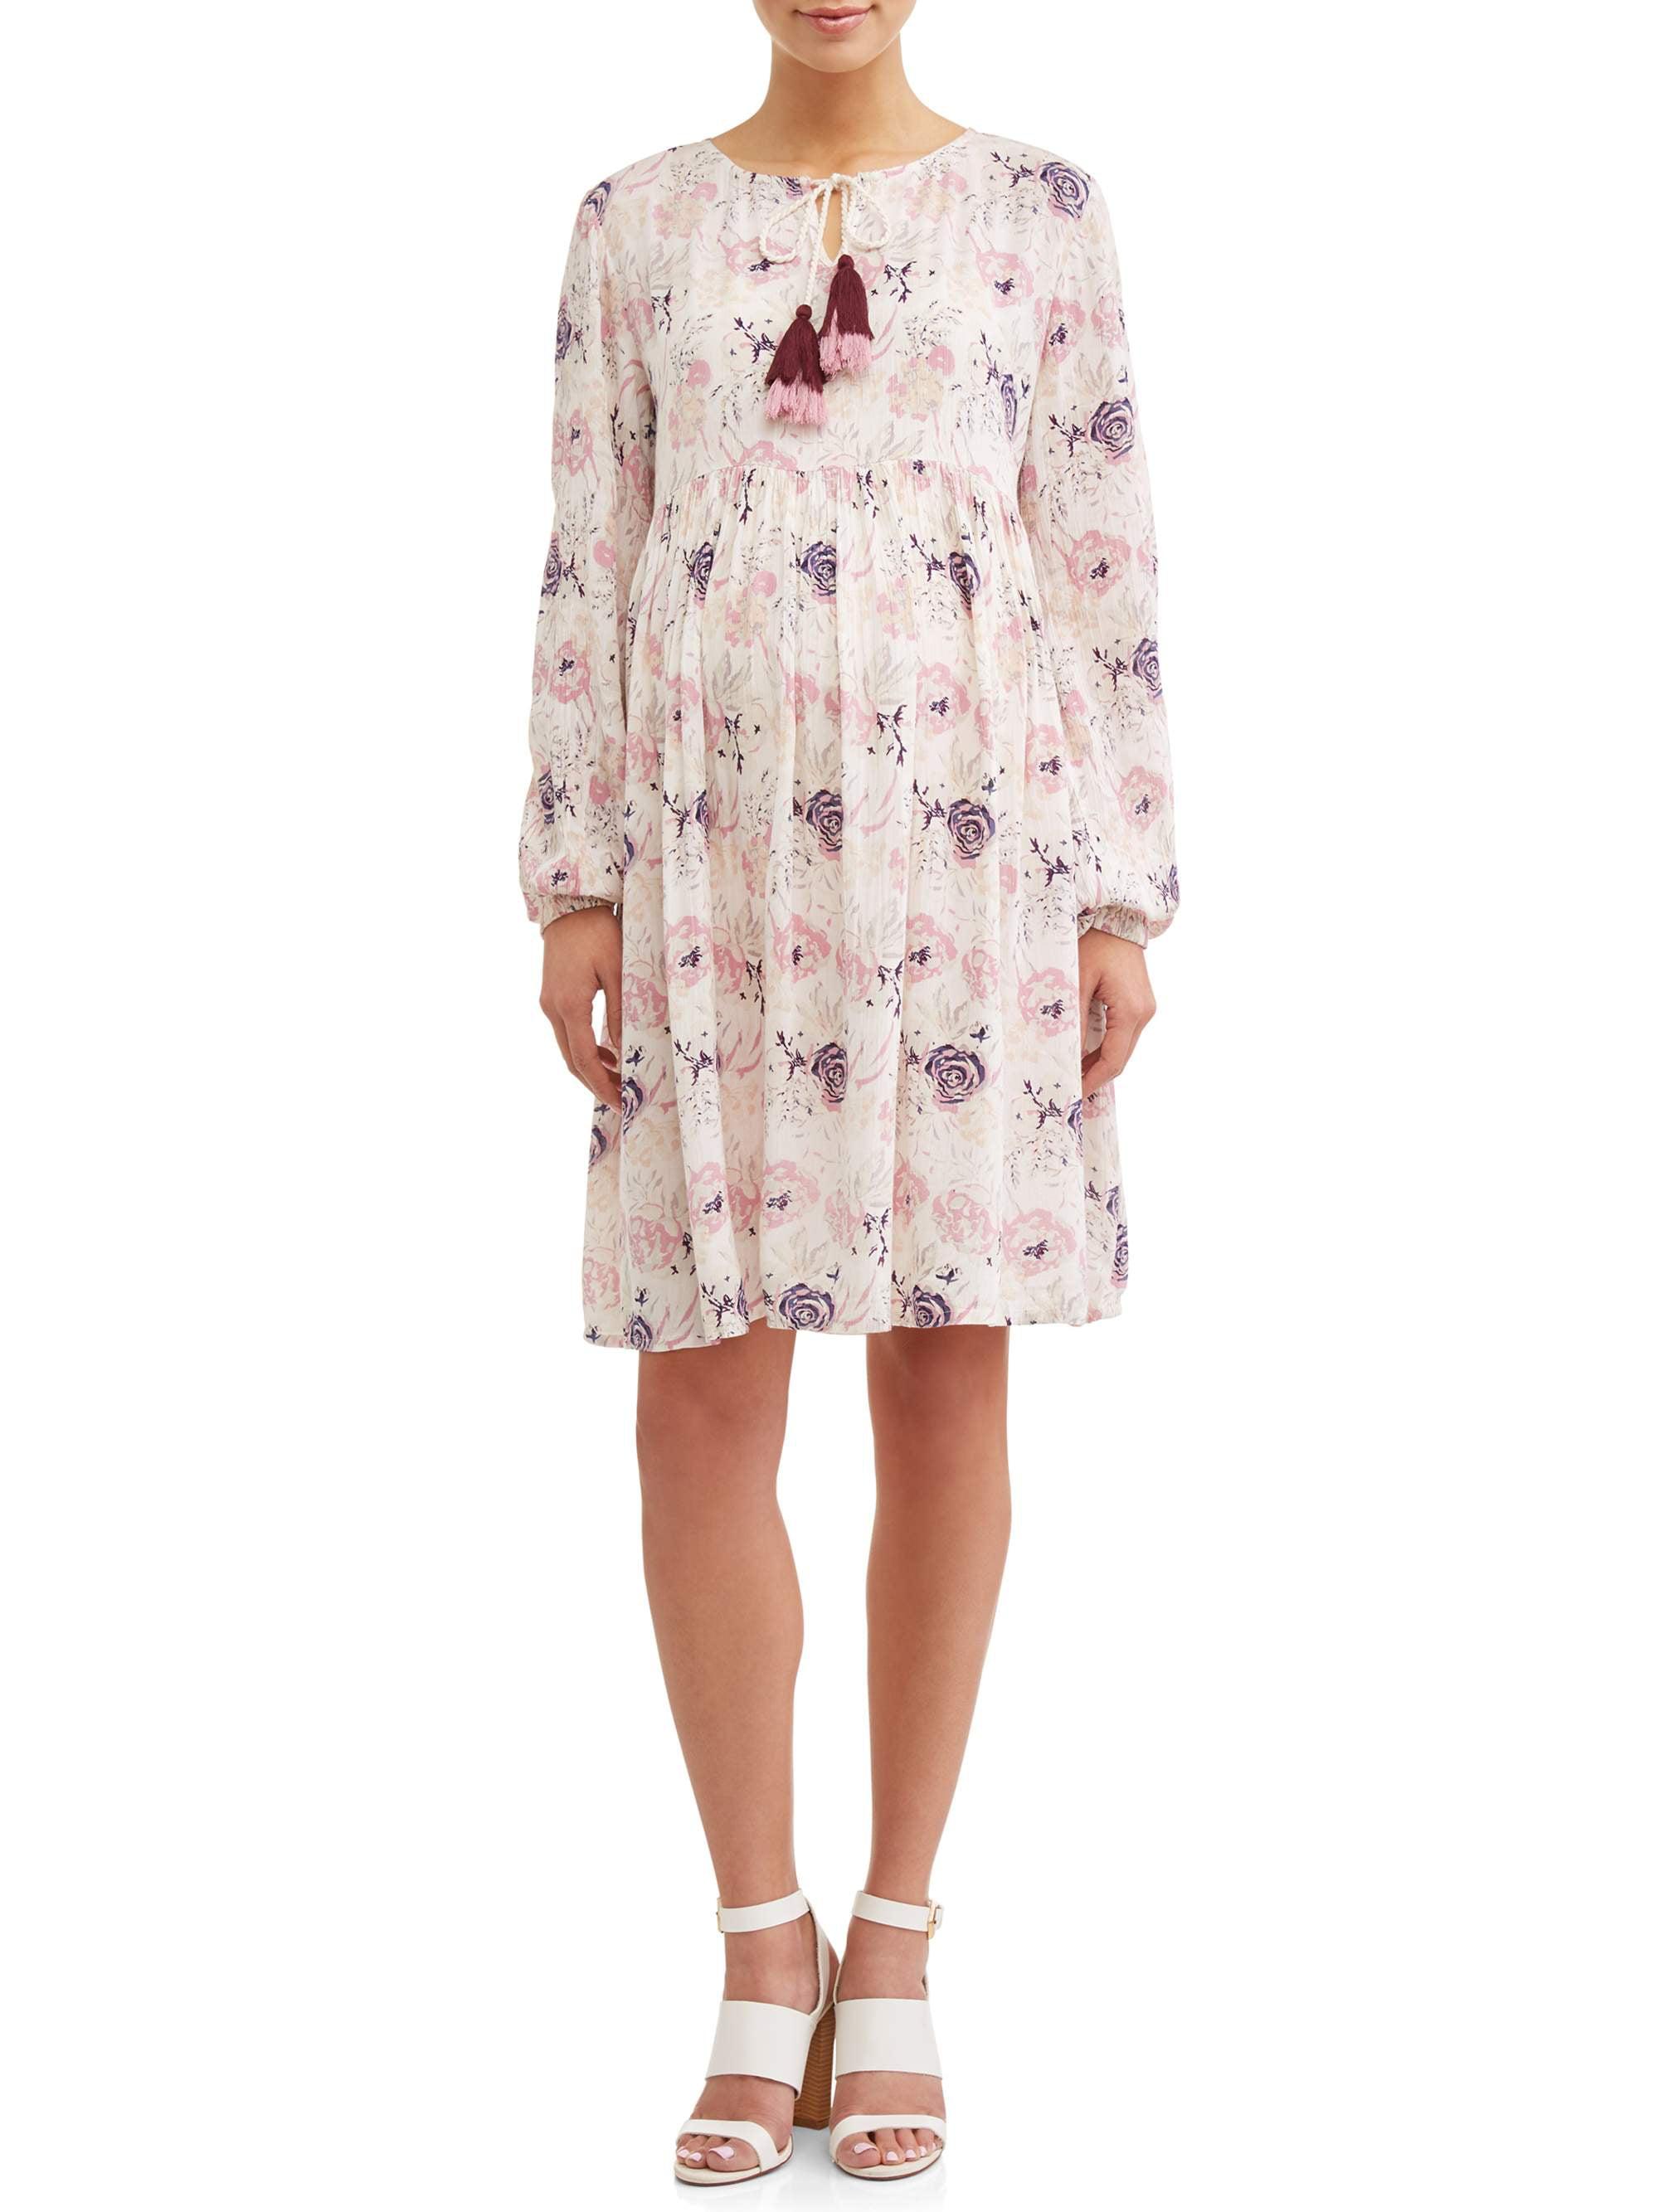 Maternity Tiered Boho Dress W/Tassels